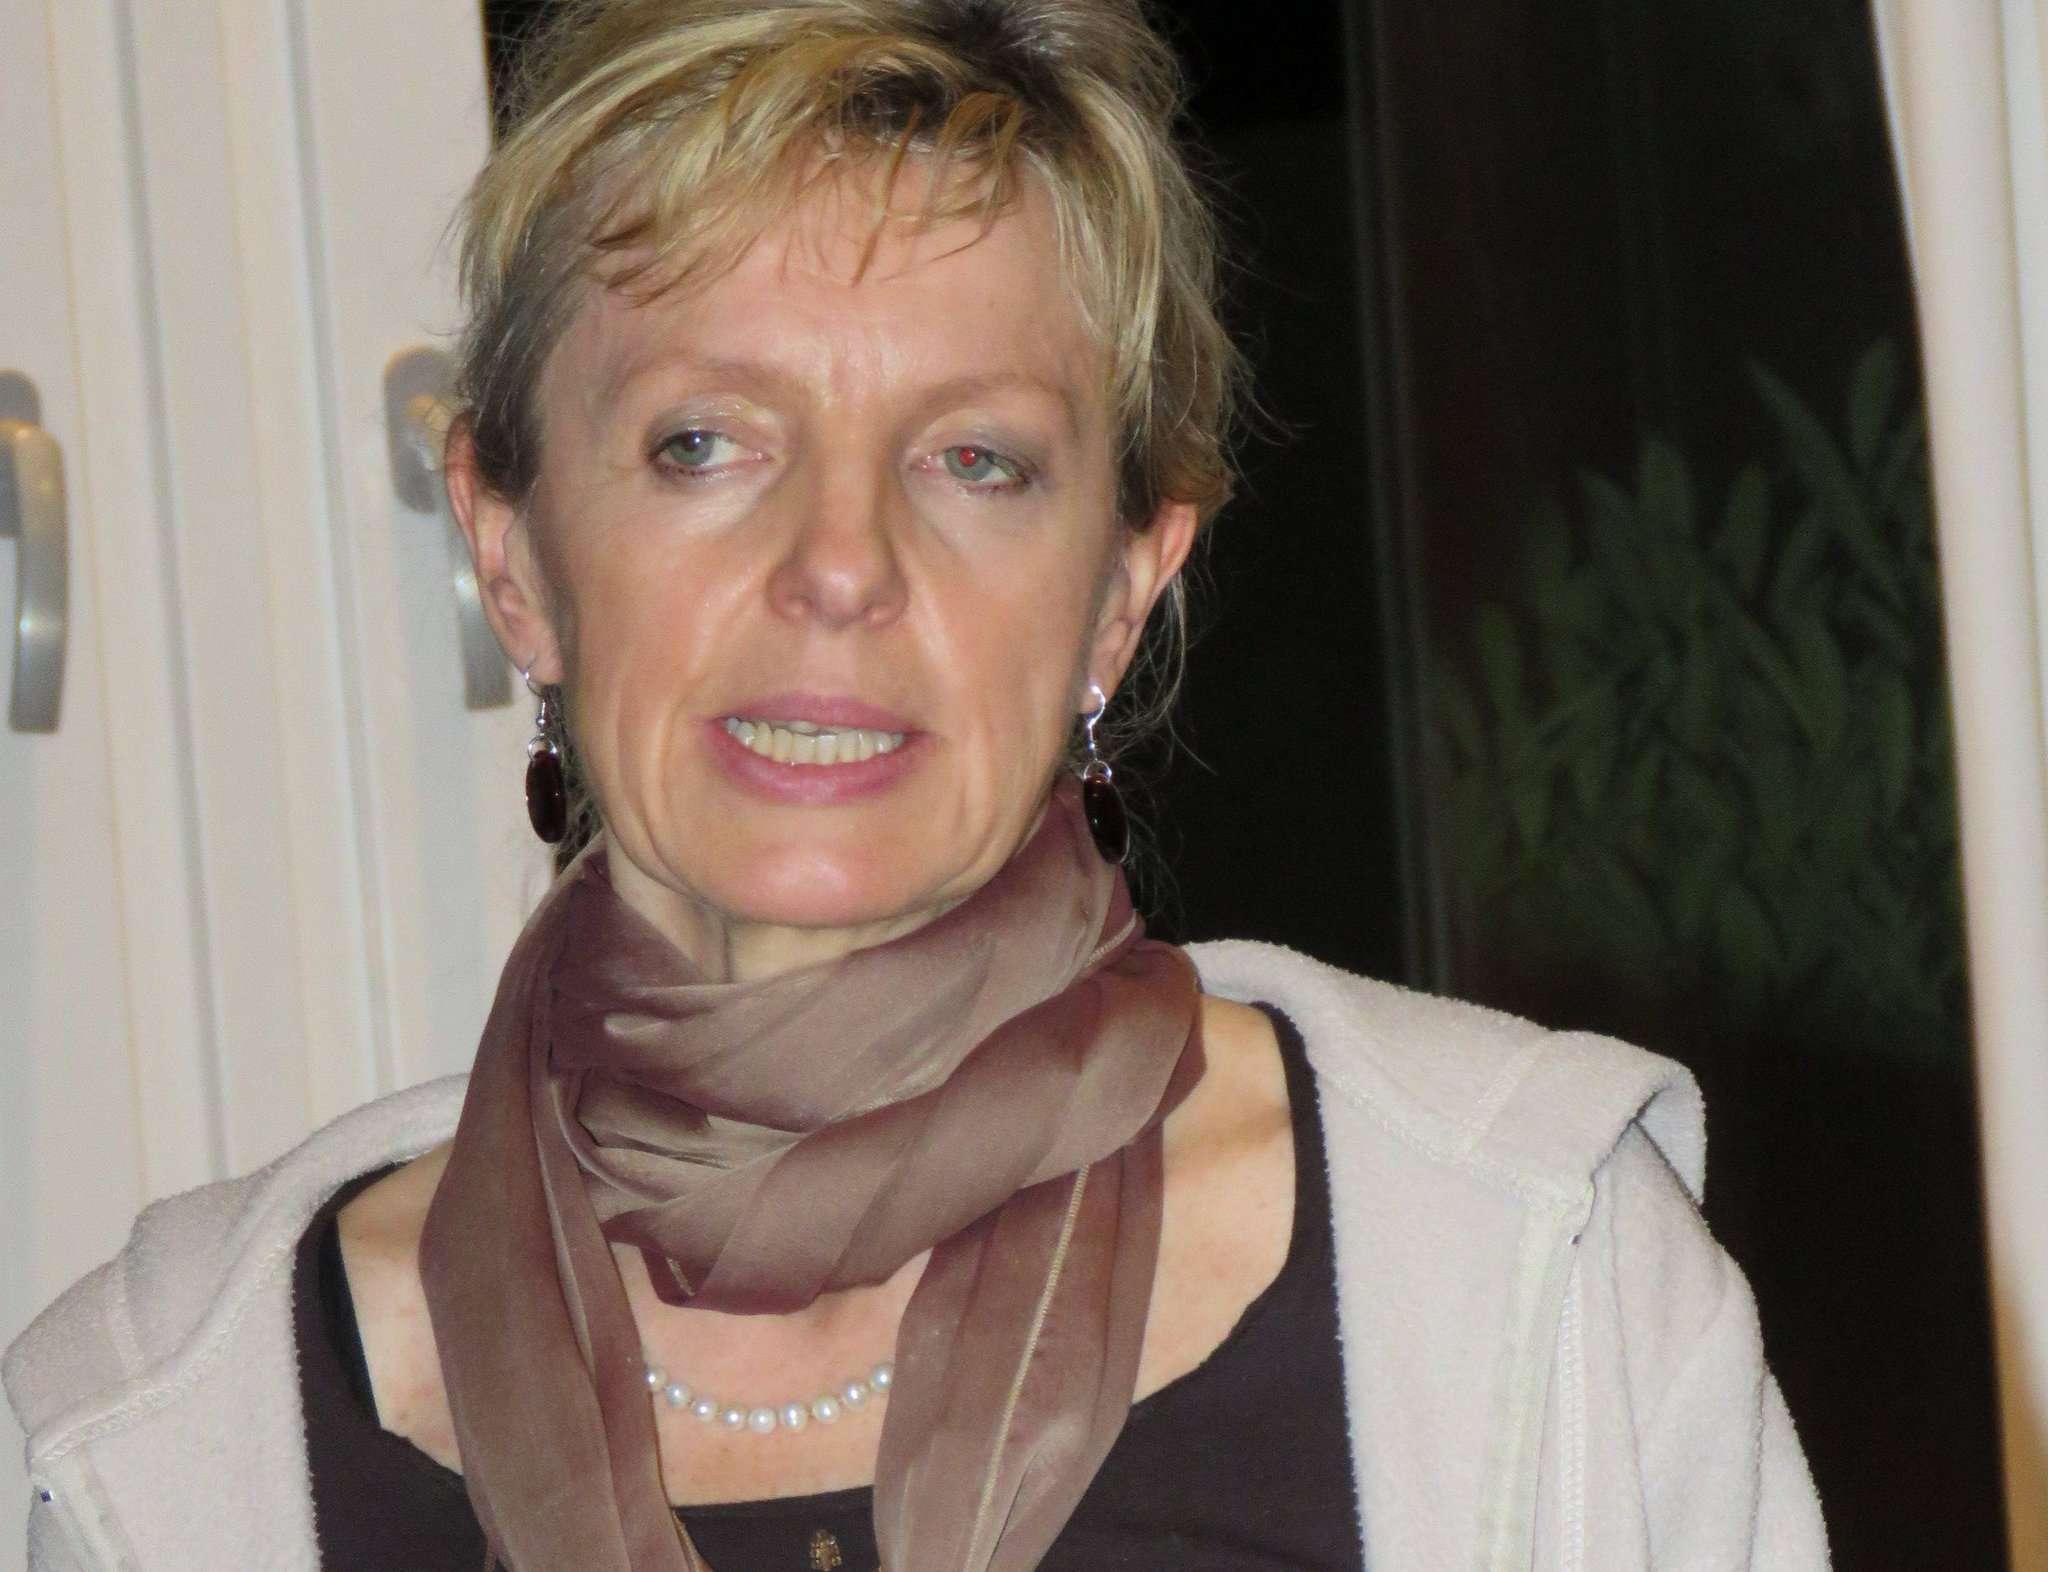 Die Bremer Wirtschaftswissenschaftlern Rena Fehre stellte das Modell Gemeinwohl Ökonomie vor. Foto: Elke Keppler-Rosenau